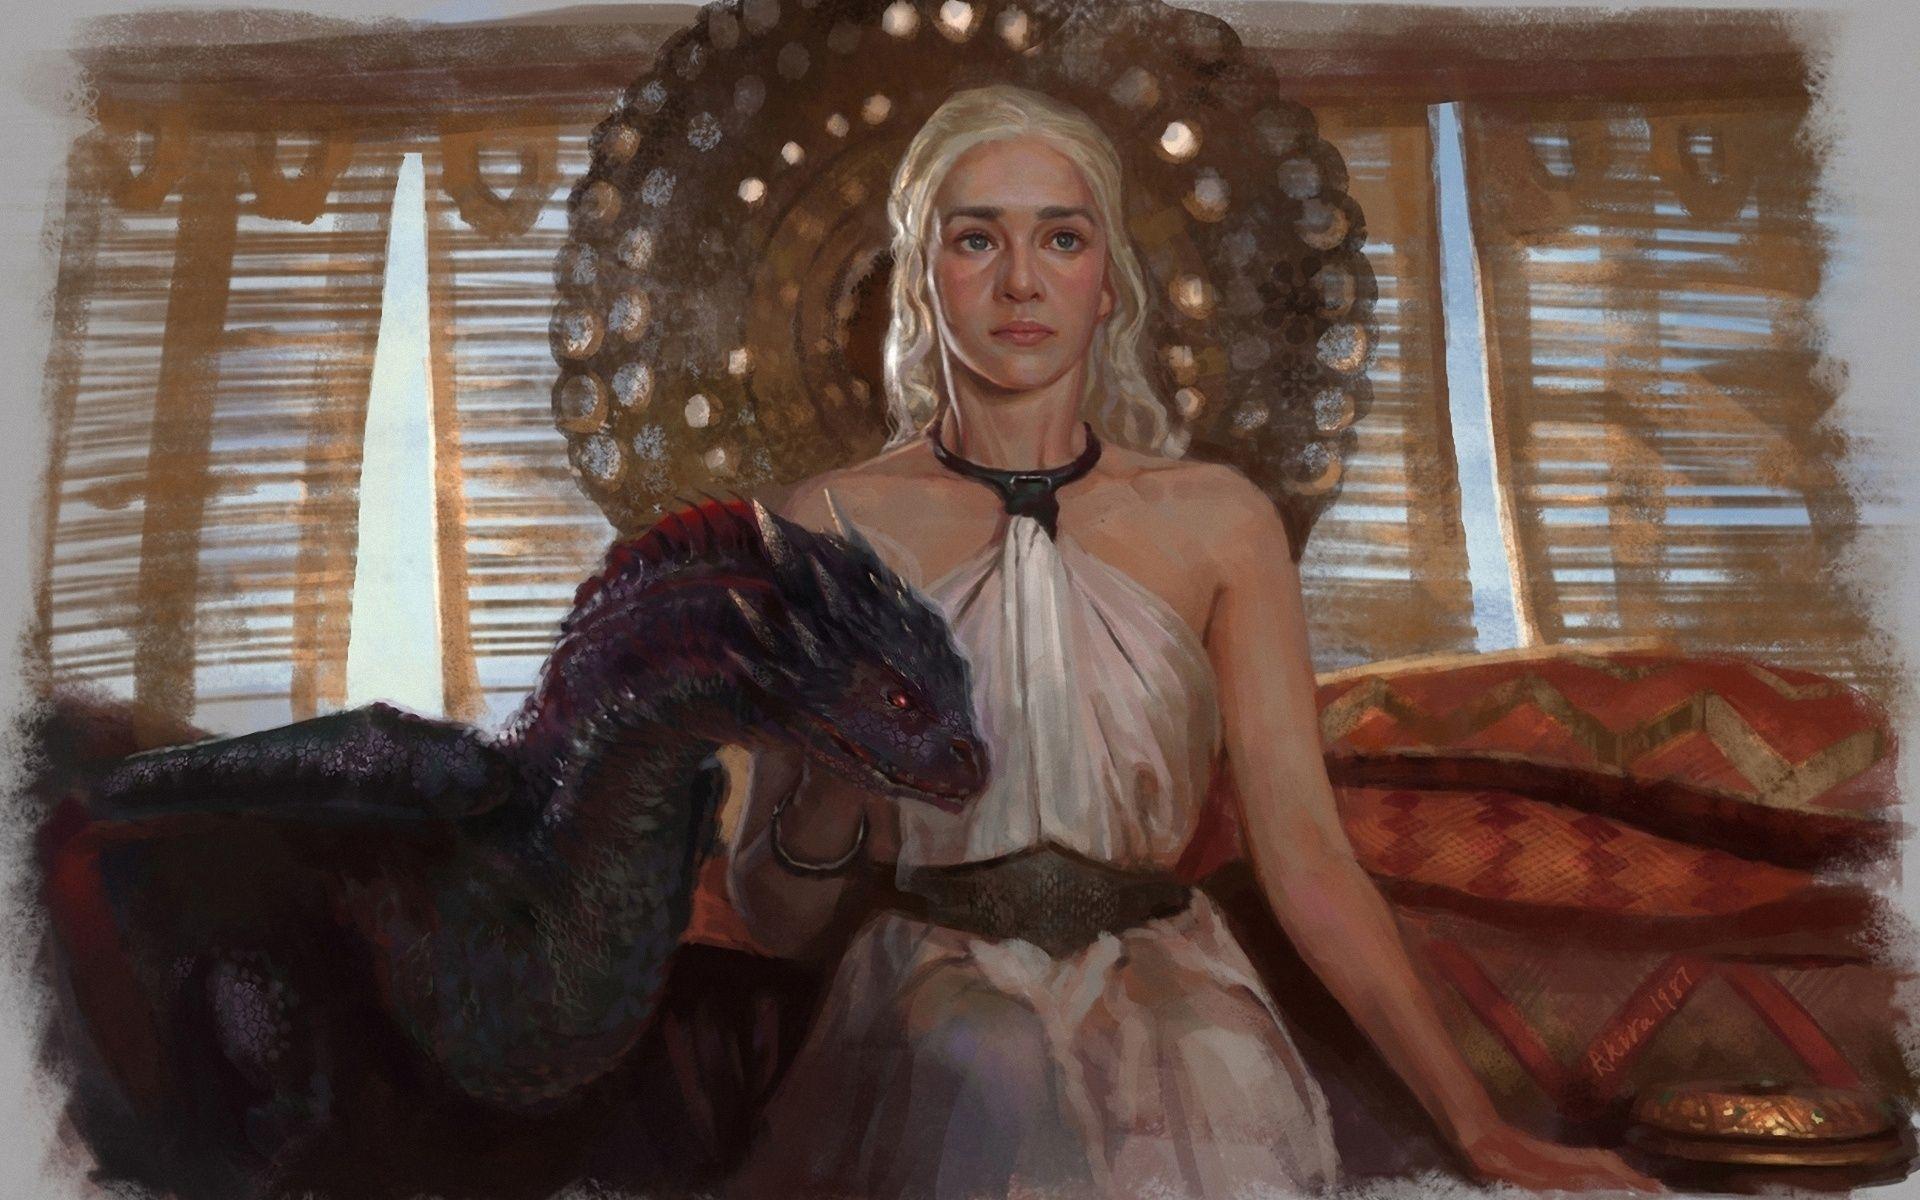 Game of Thrones Daenerys fan art